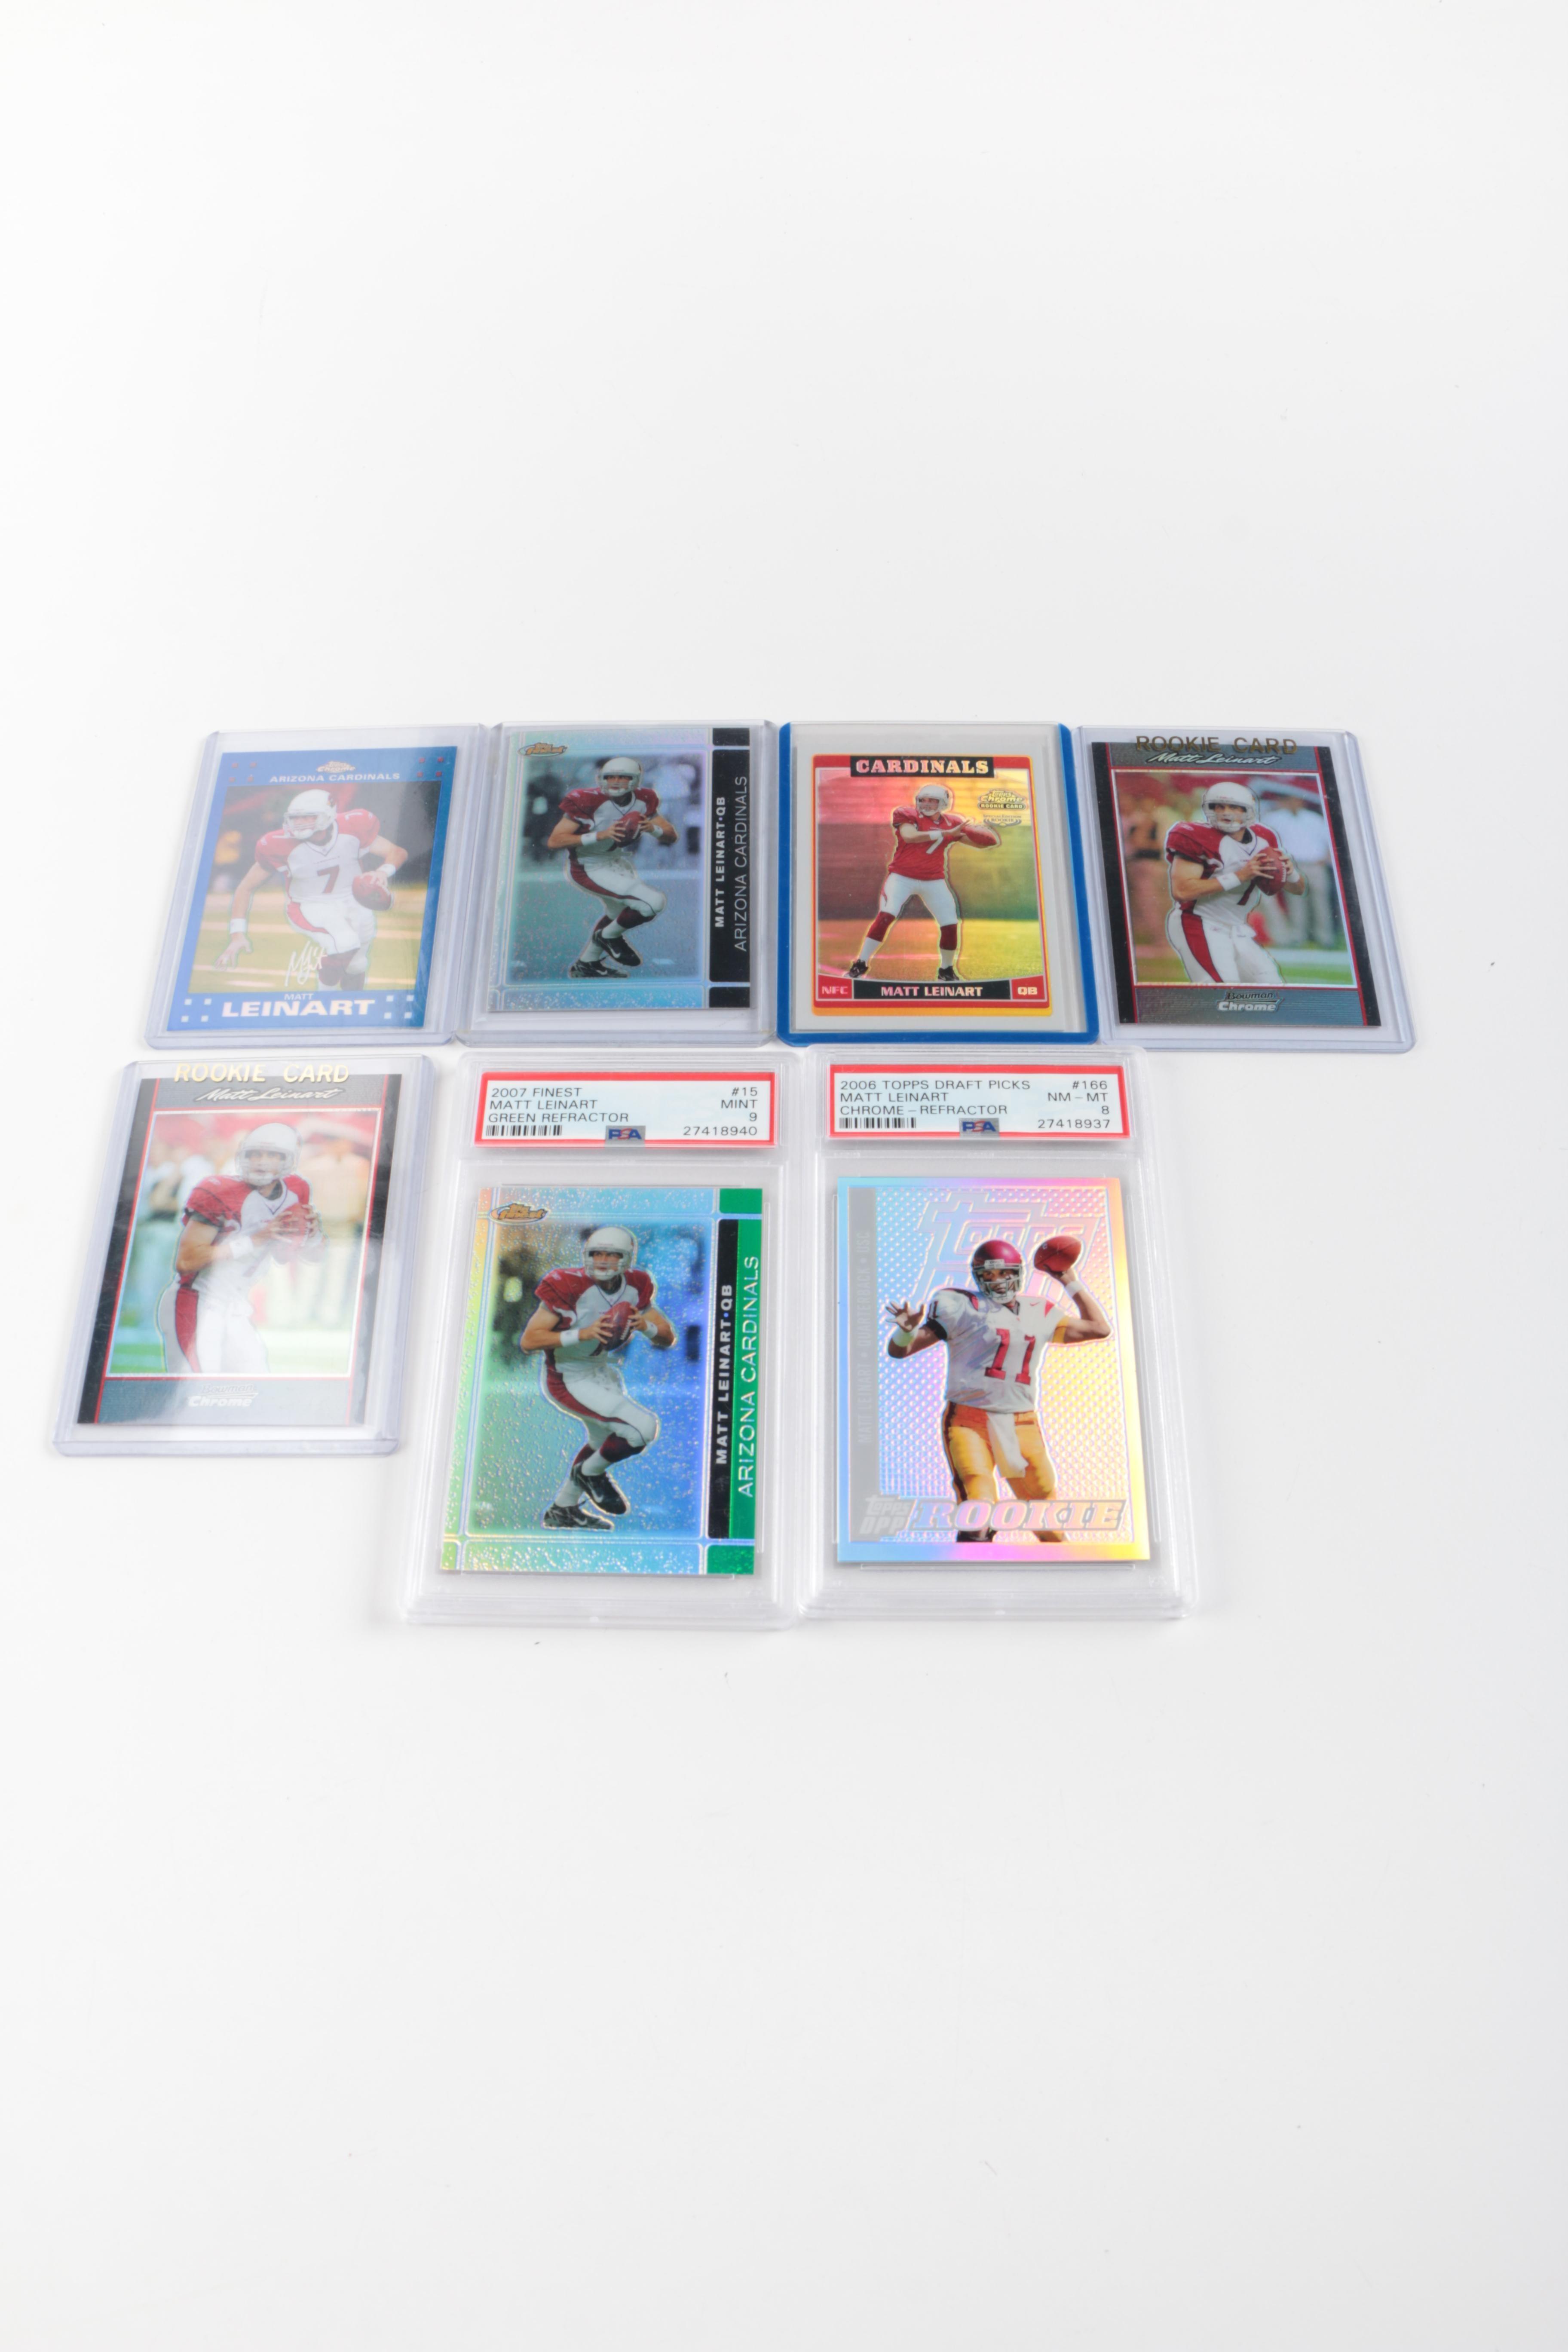 Collection of Matt Leinart Rookie Football Cards